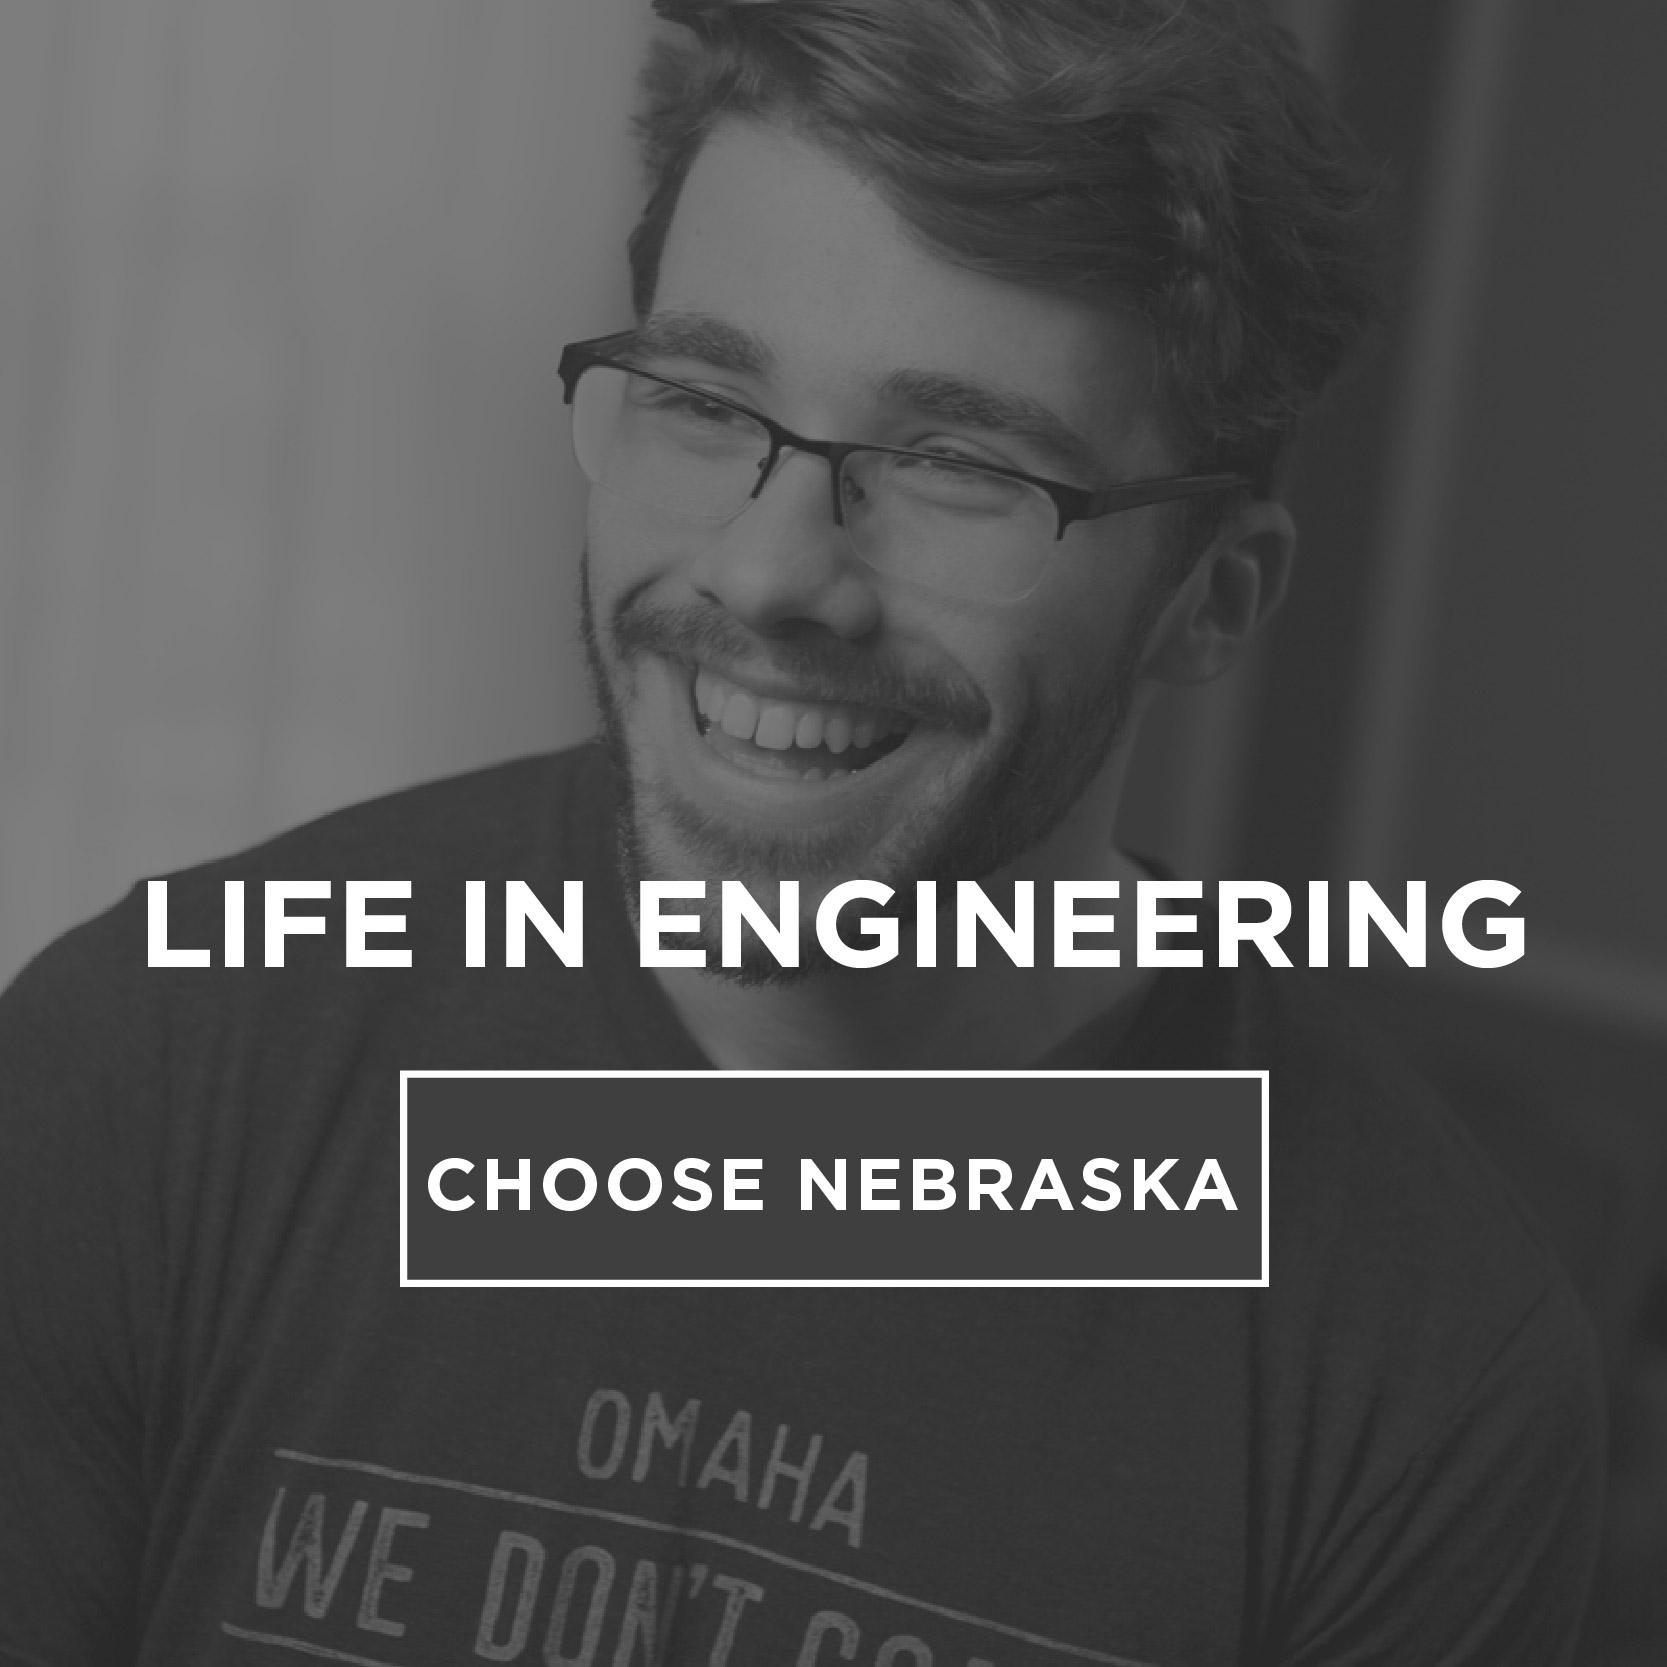 Life in Engineering-Choose Nebraska